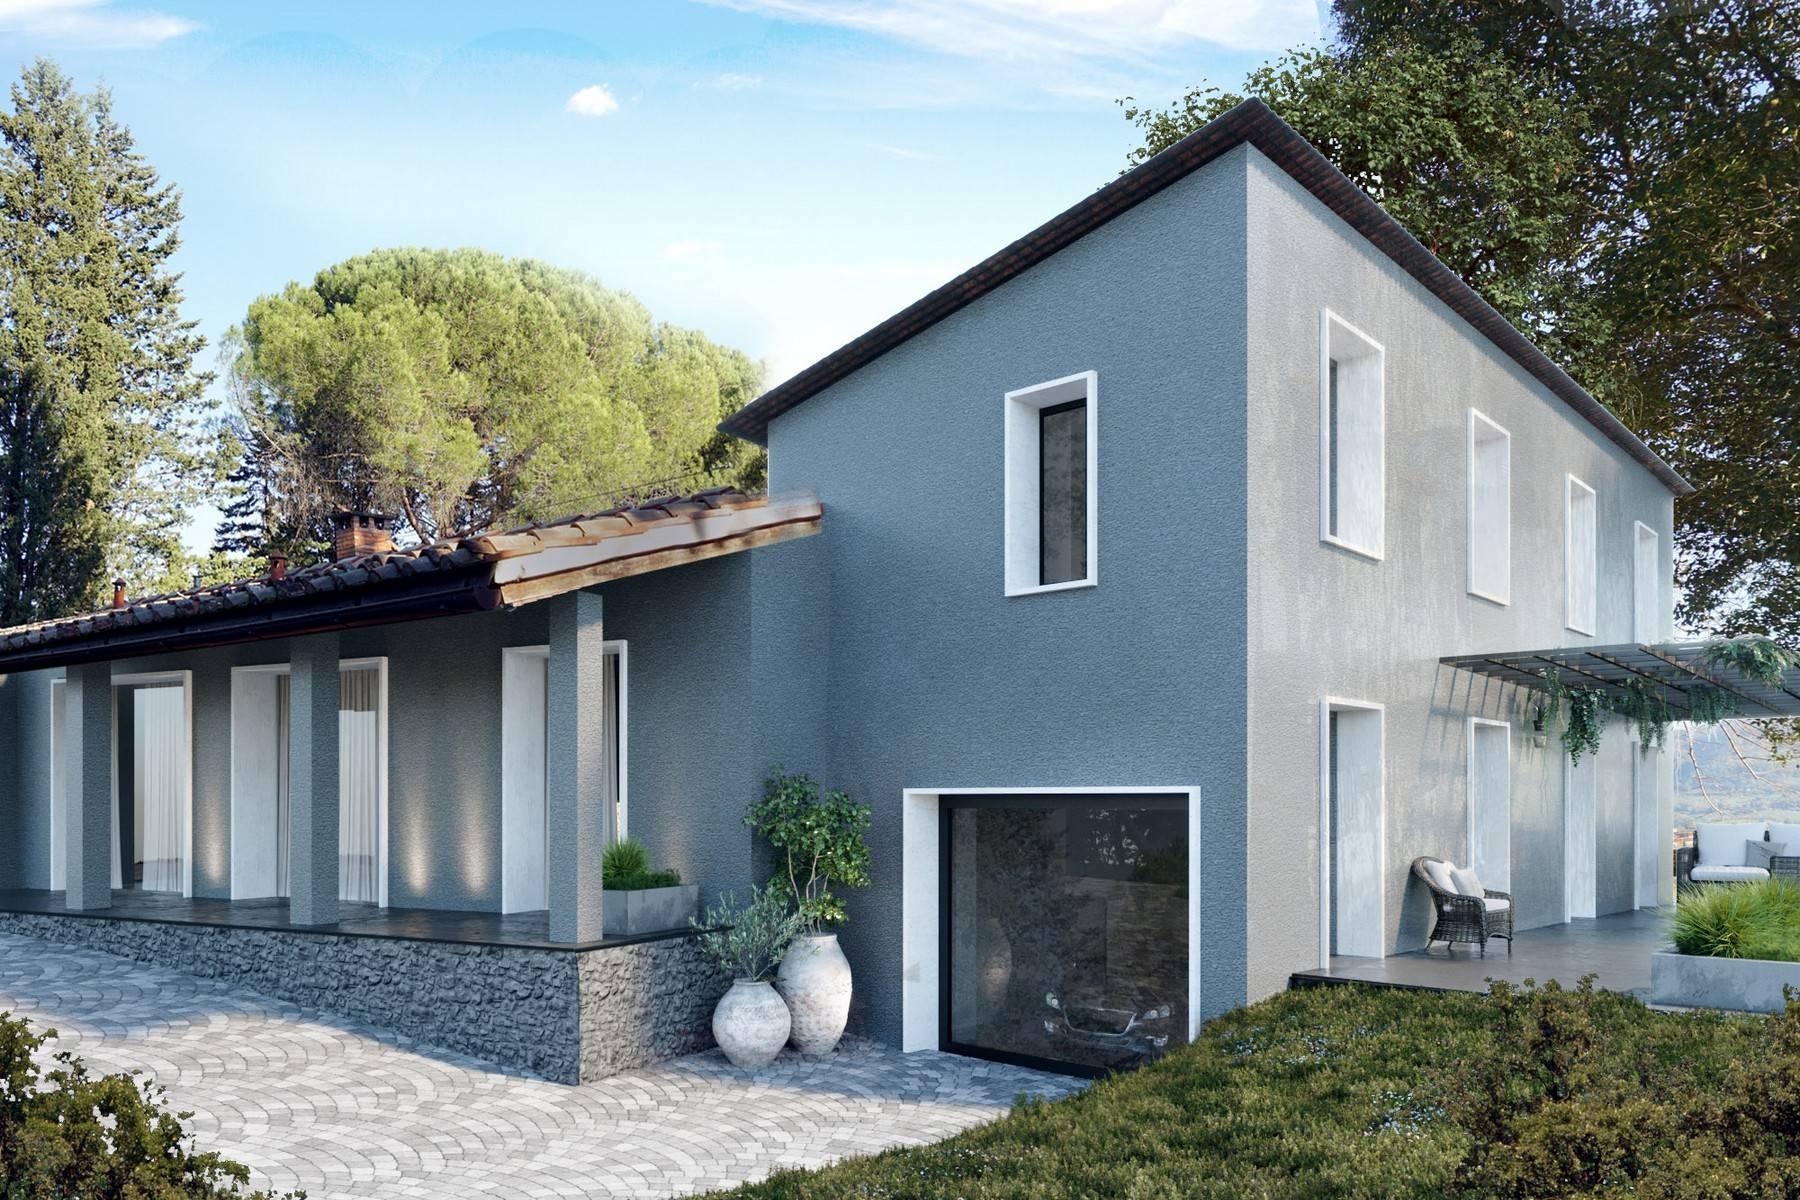 Casa indipendente in Vendita a Greve In Chianti: 5 locali, 450 mq - Foto 3